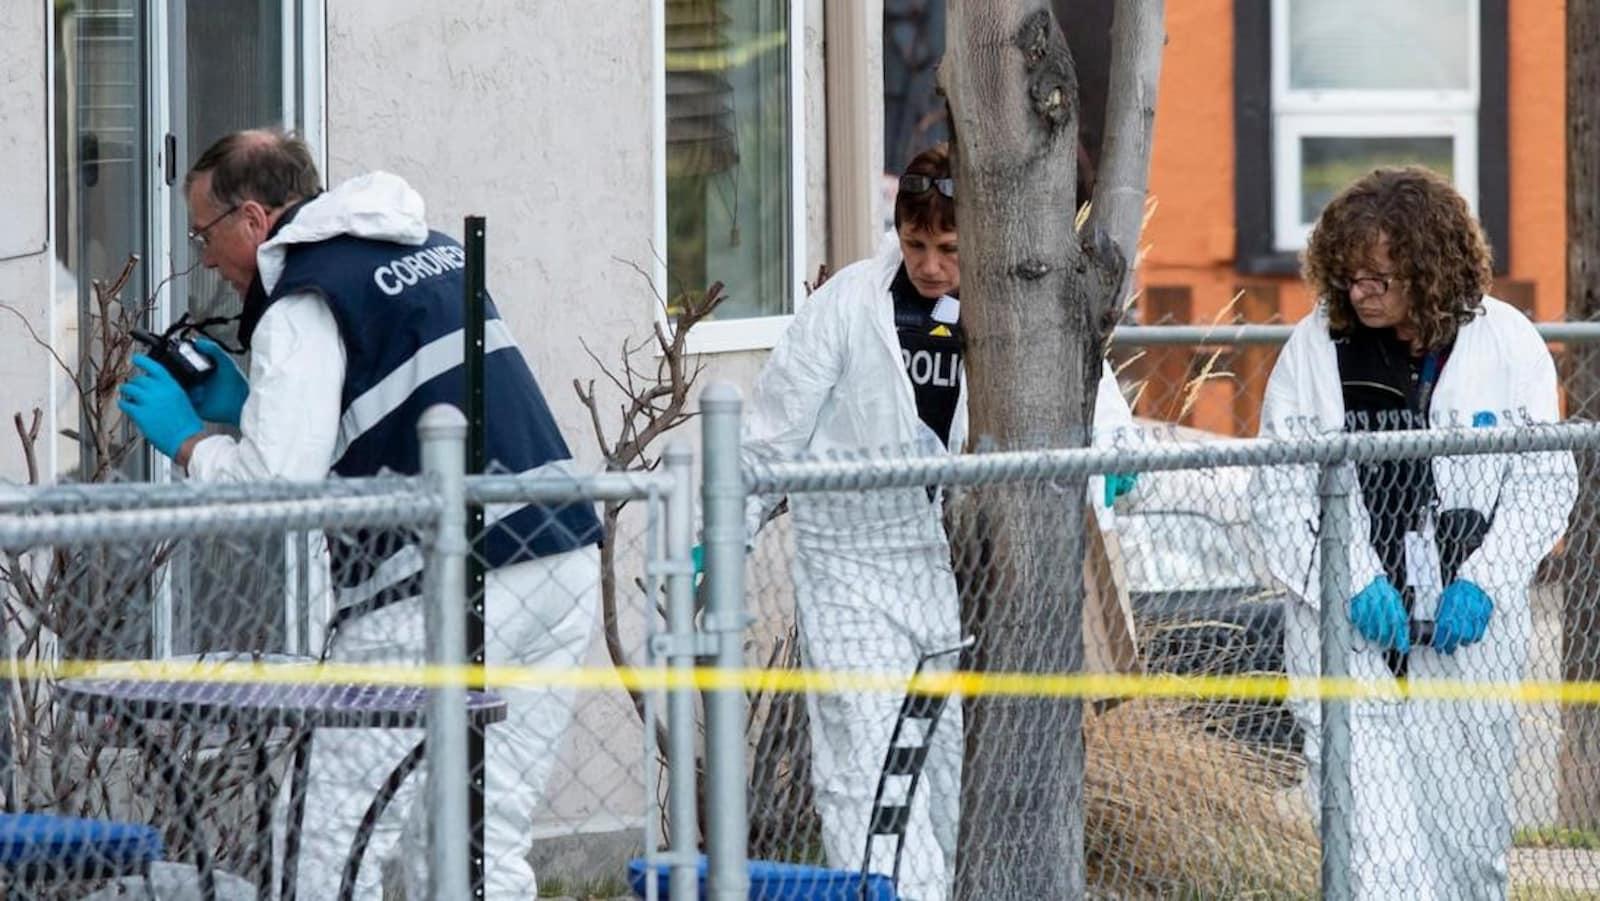 Trois agents travaillent dans une cour à ramasser des preuves.